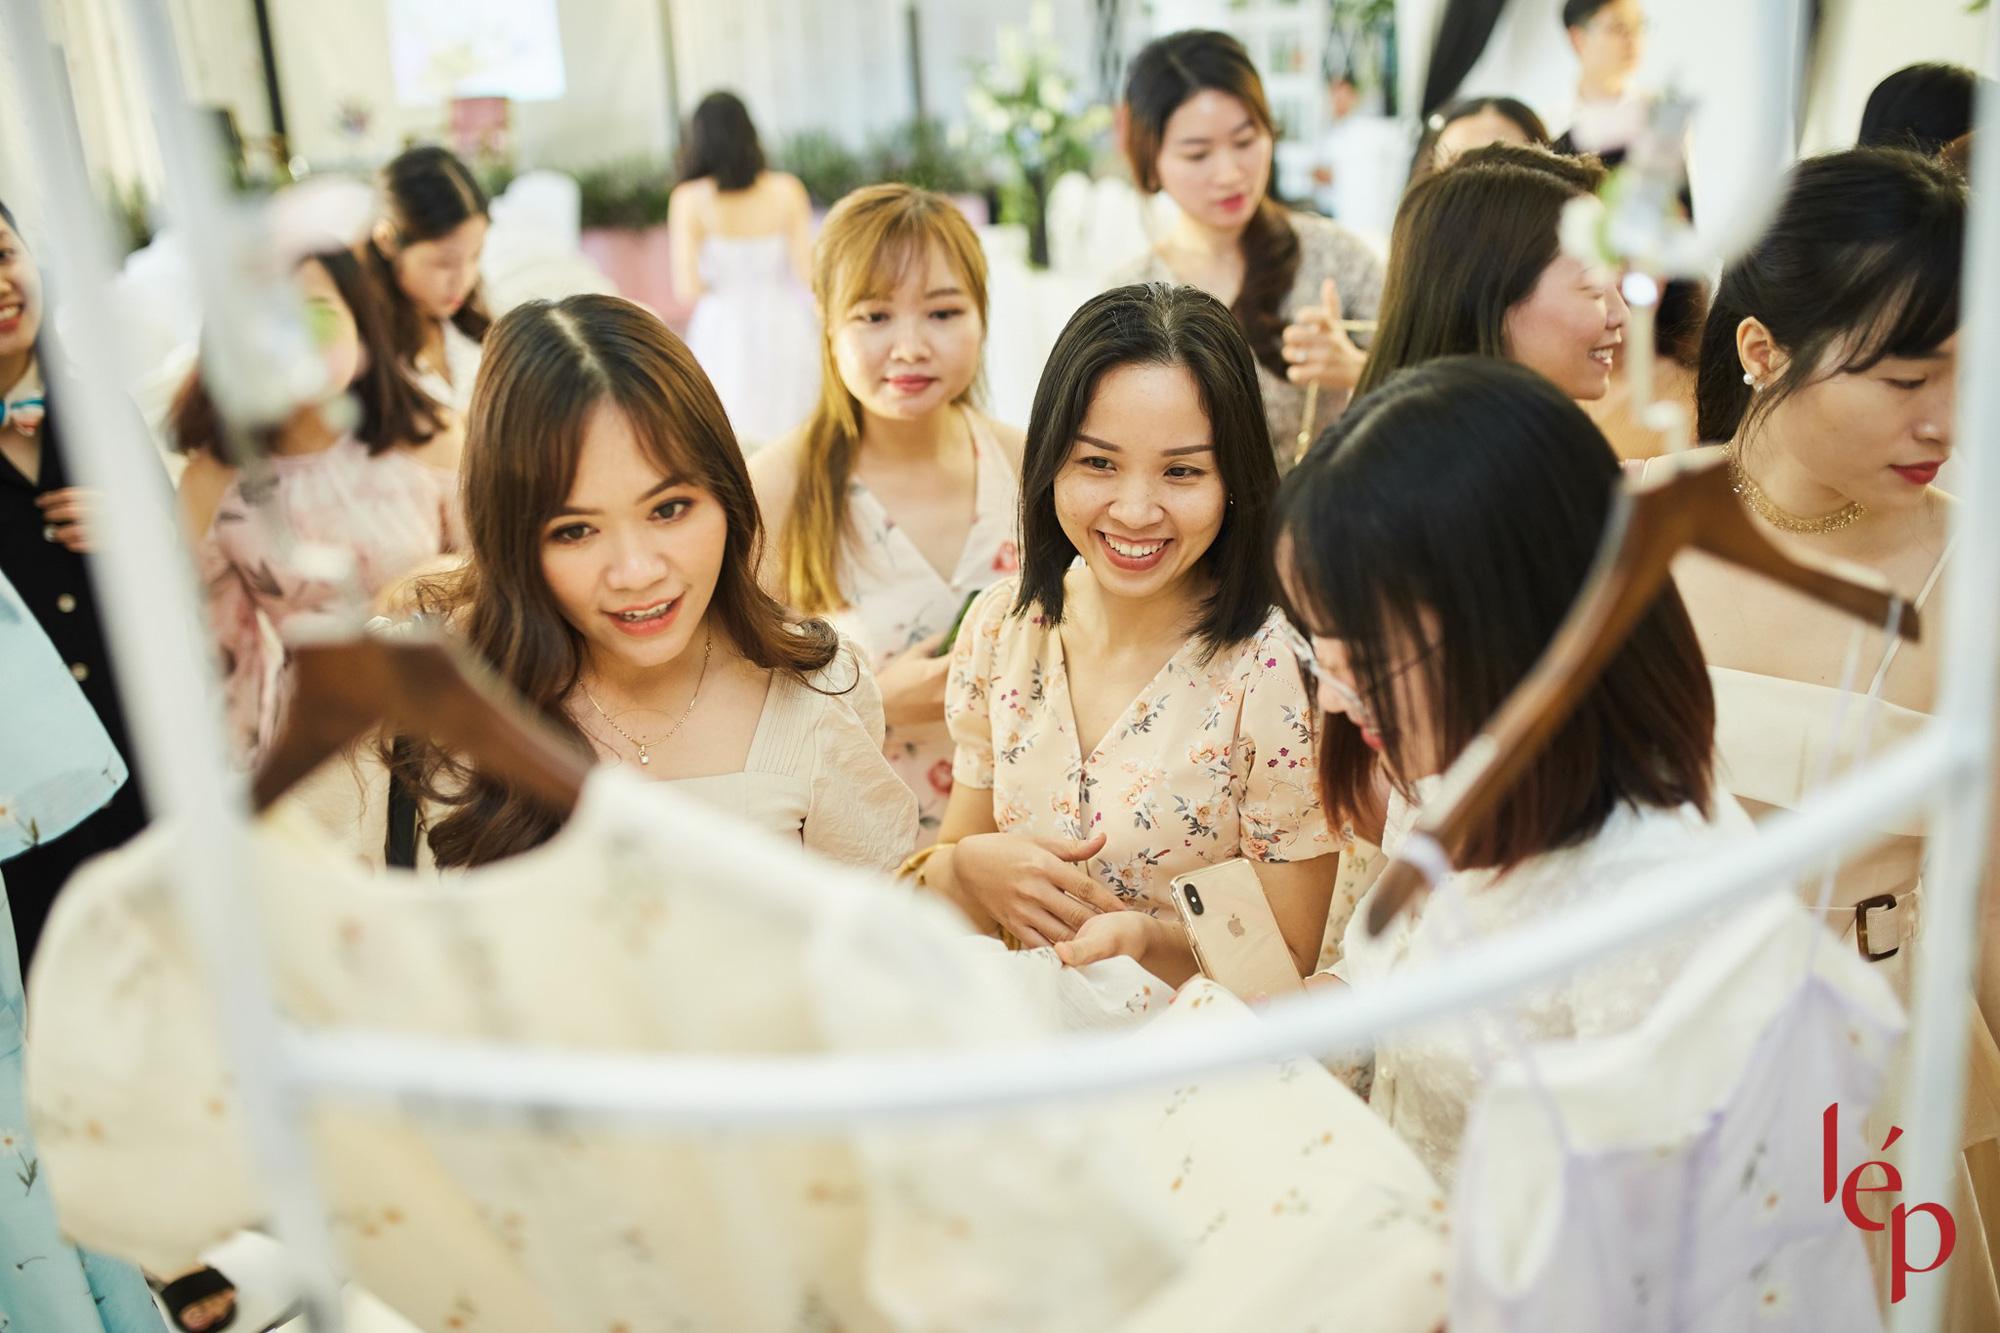 Lep' - Brand nổi tiếng với những chiếc váy hoa cùng khách hàng thiết kế họa trên lụa - Ảnh 8.